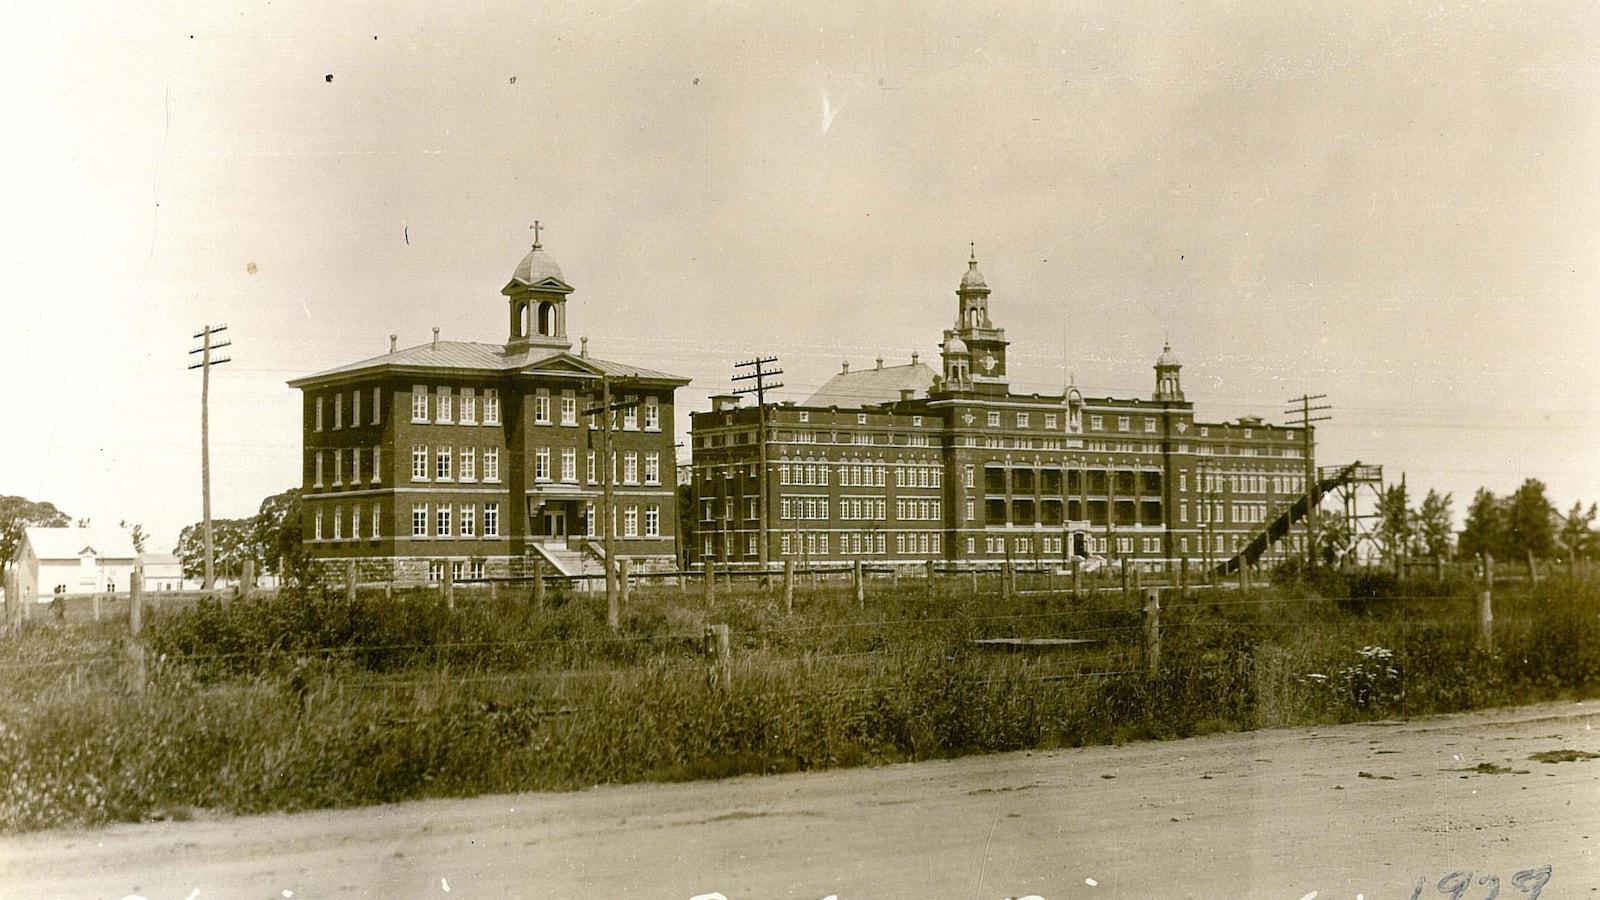 façades semblables des Ateliers Saint-Louis et du Cégep de Rimouski en 1929